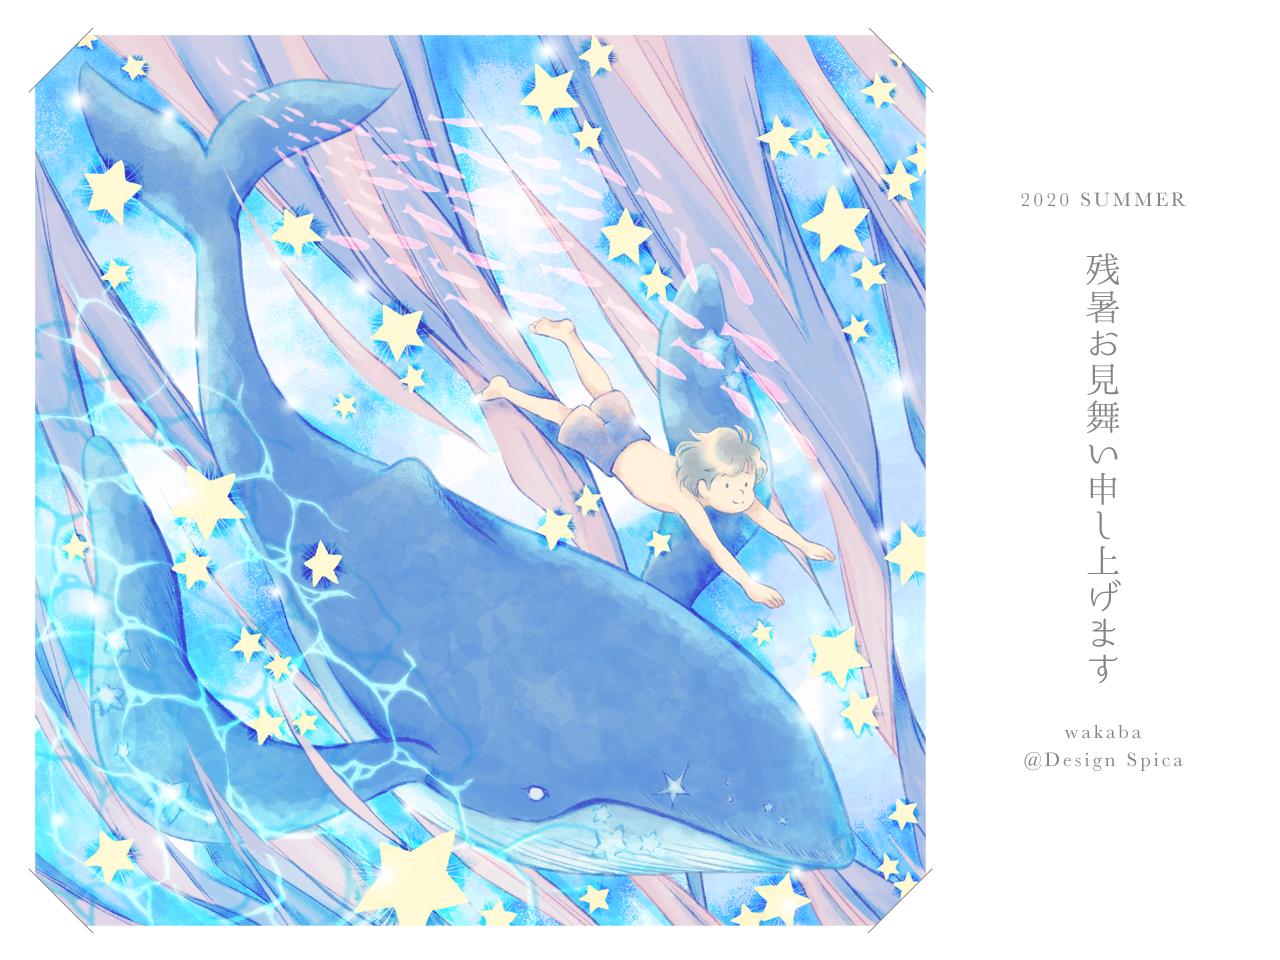 クジラと泳ぐ子ども:暑中見舞い用